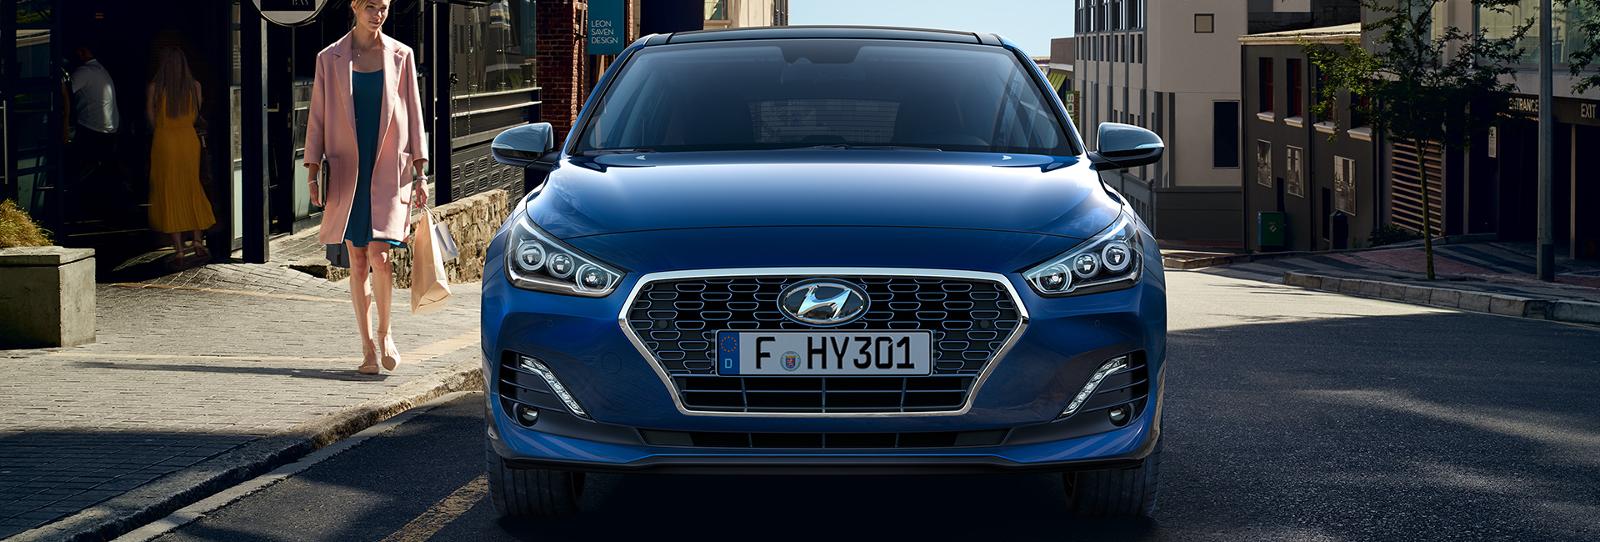 Parte delantera Hyundai i30